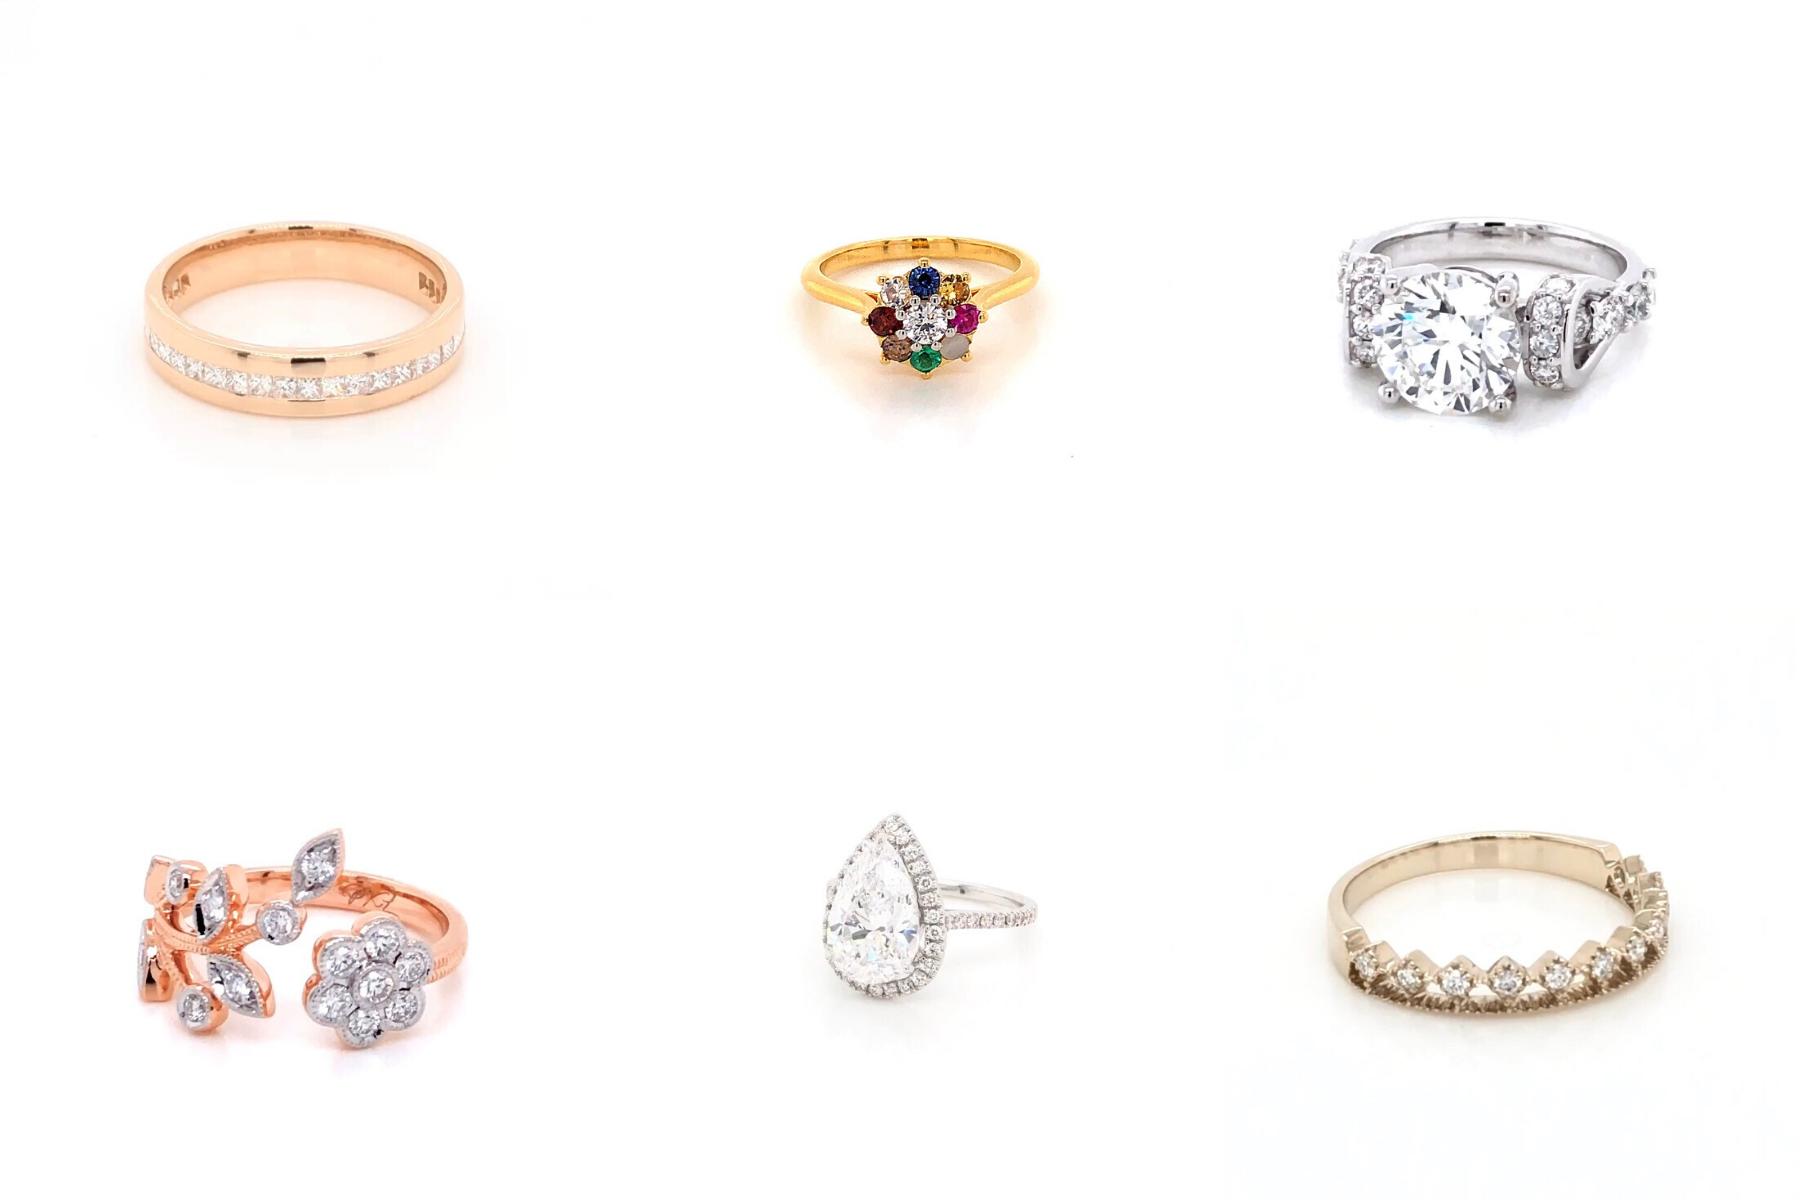 แหวนเพชรสไตล์ต่างๆ